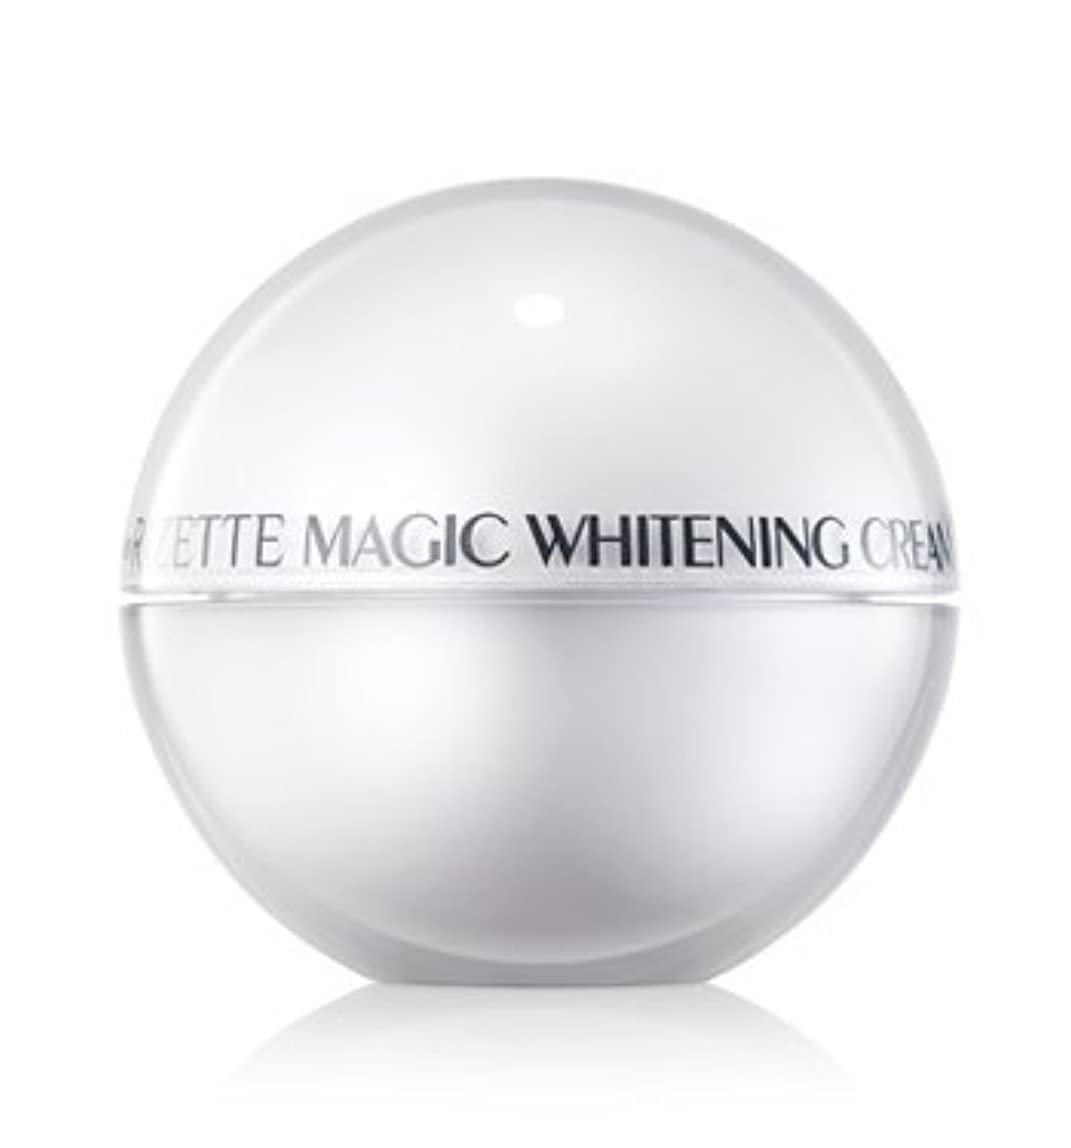 カウボーイ拒否崖リオエリ(Lioele) Rizette マジック ホワイトニング クリーム プラス/ Lioele Rizette Magic Whitening Cream Plus[並行輸入品]